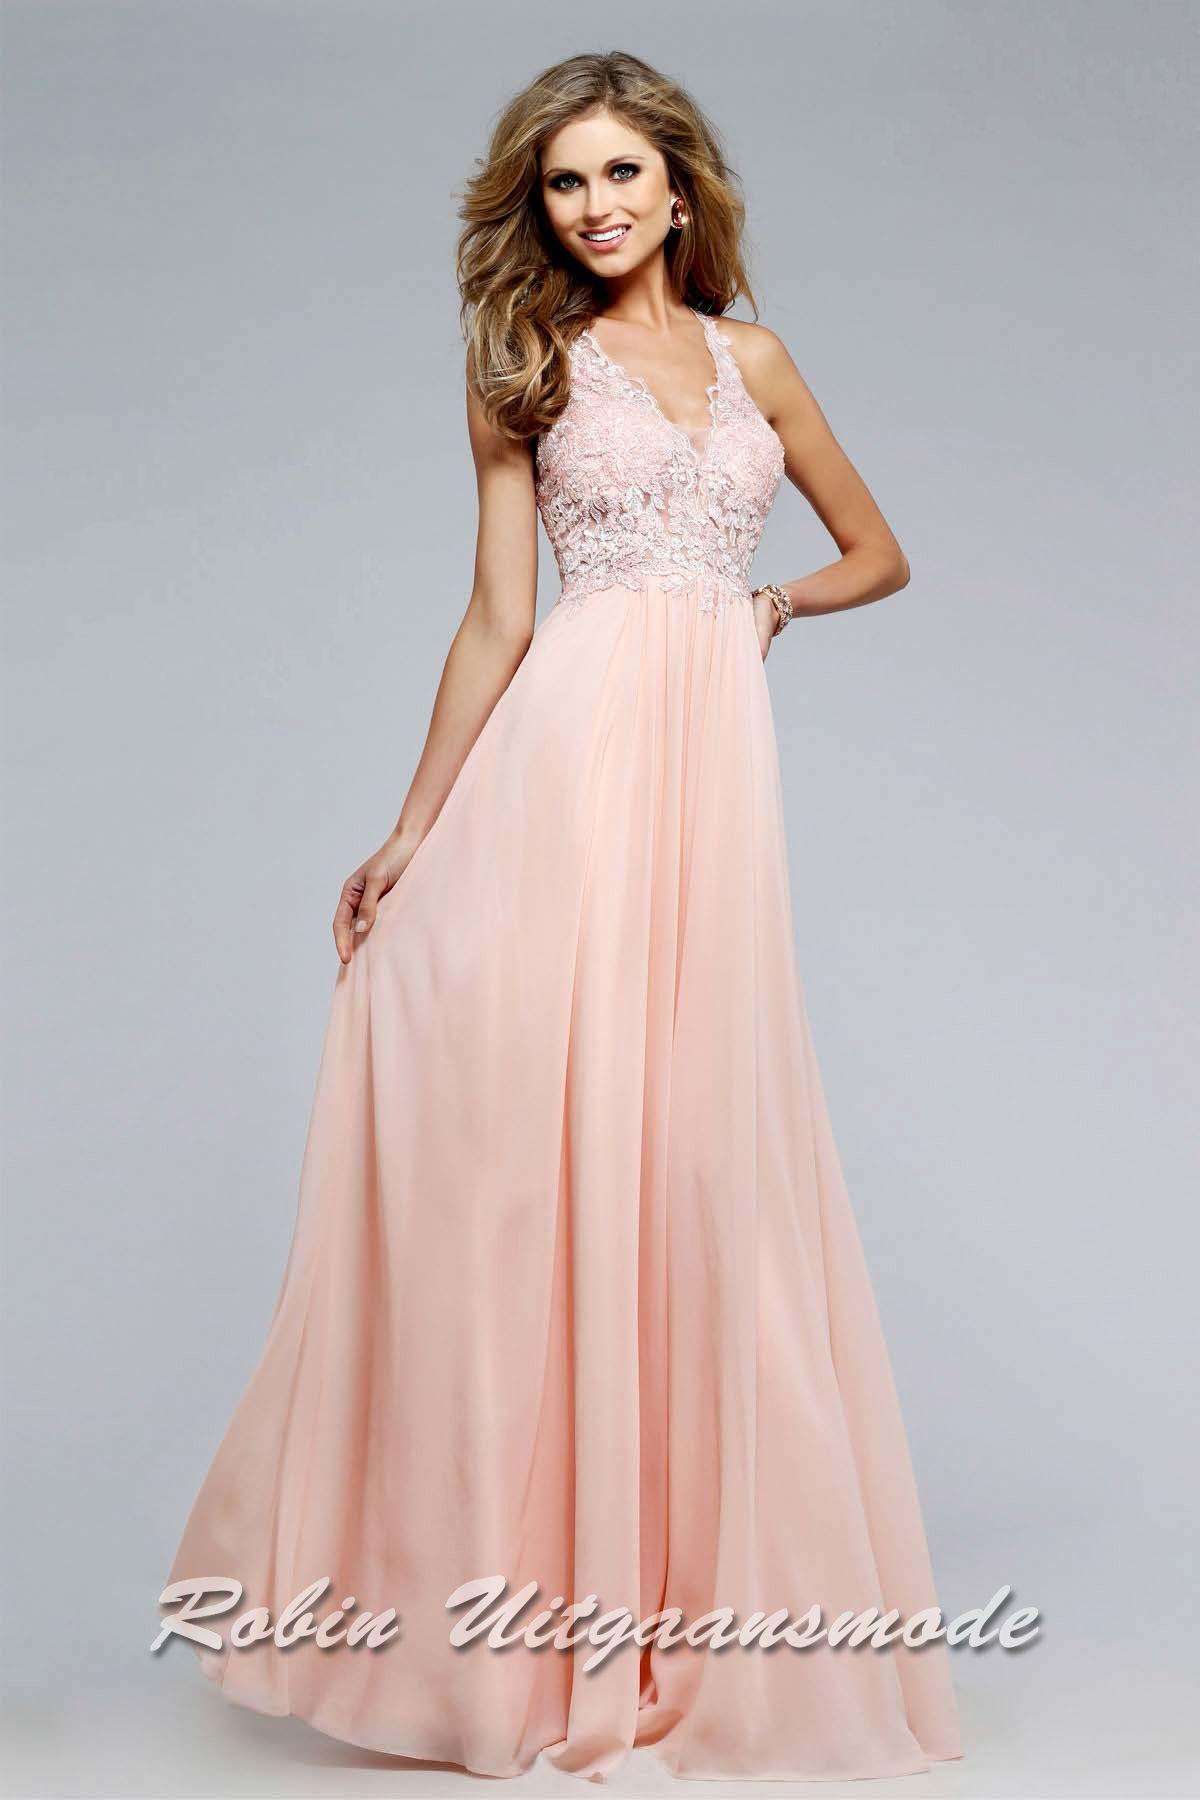 Koop Authentiek winkel populair merk Roze galajurken, jurken in de vrouwelijke tinten * Robin